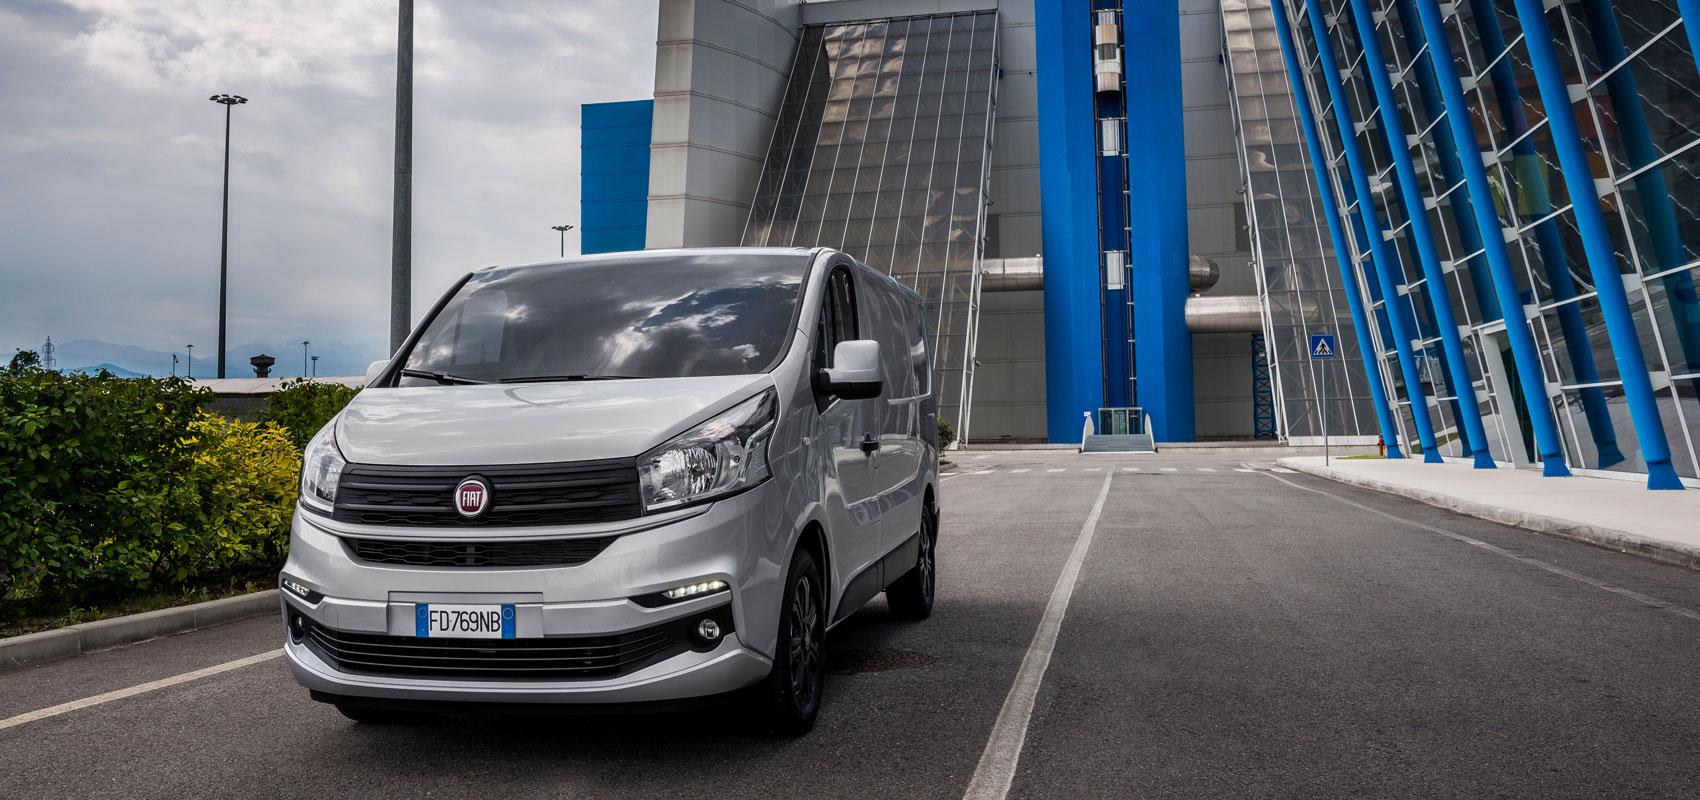 Der Fiat Talento bietet hohe Sicherheits-Standards